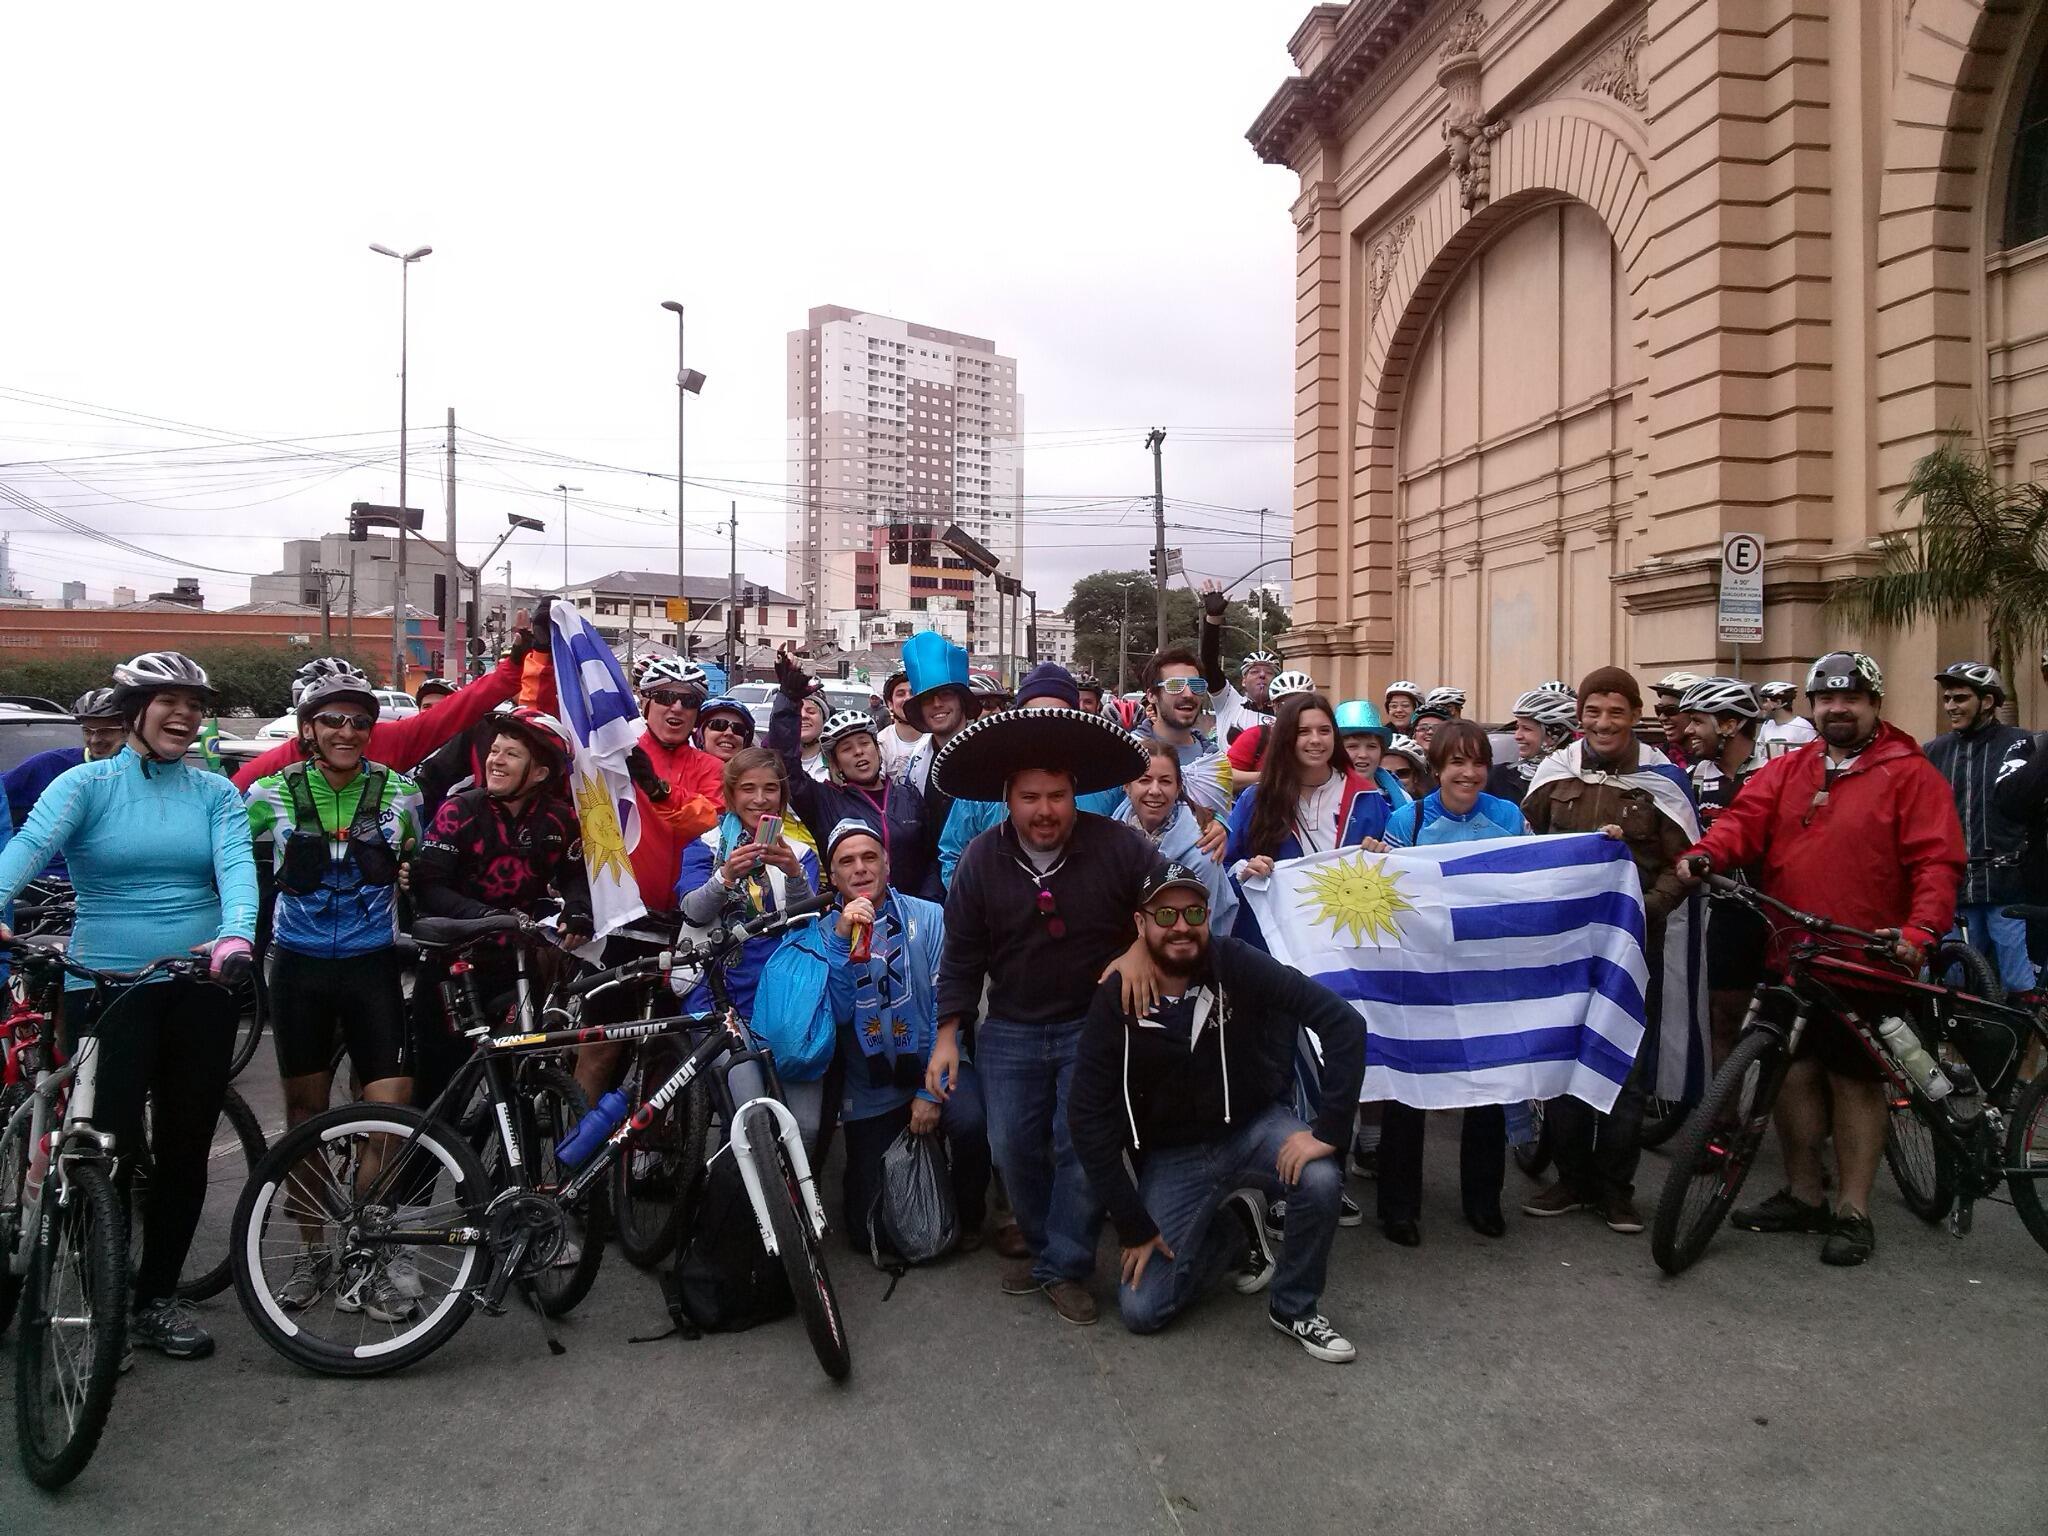 Em frente ao Mercadão em SP um grupo de ciclistas iniciou uma linda confraternização entre diversas torcidas http://t.co/AjsztqFhh3